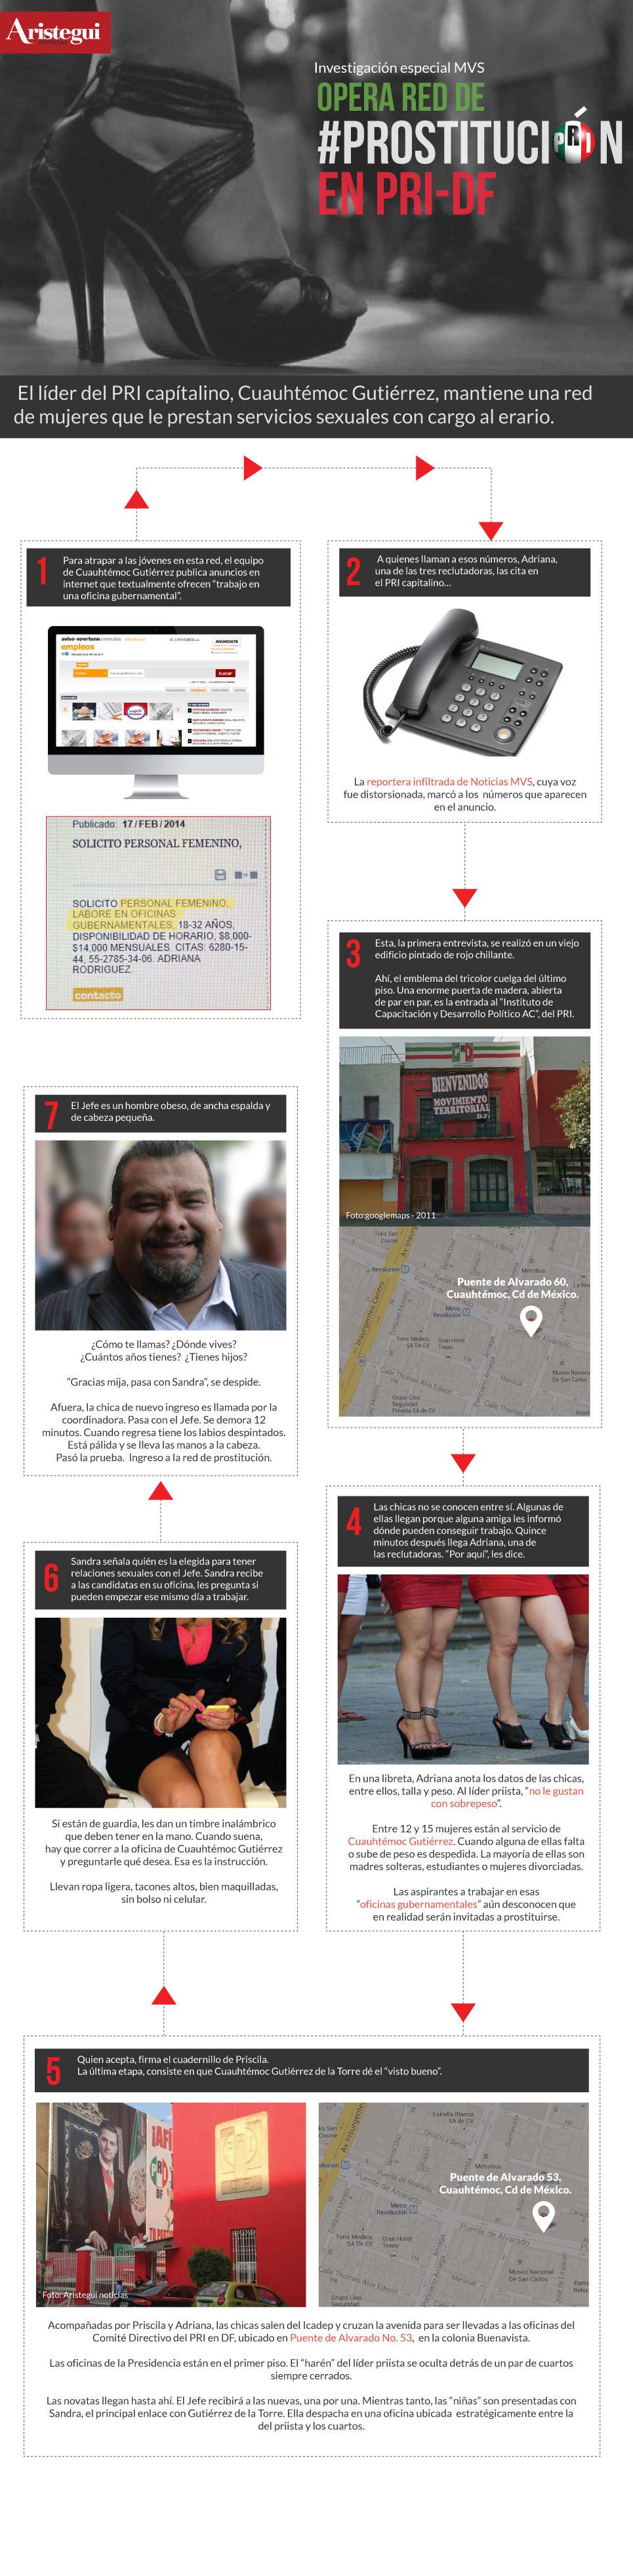 Infografía de red de prostitución del #PRI